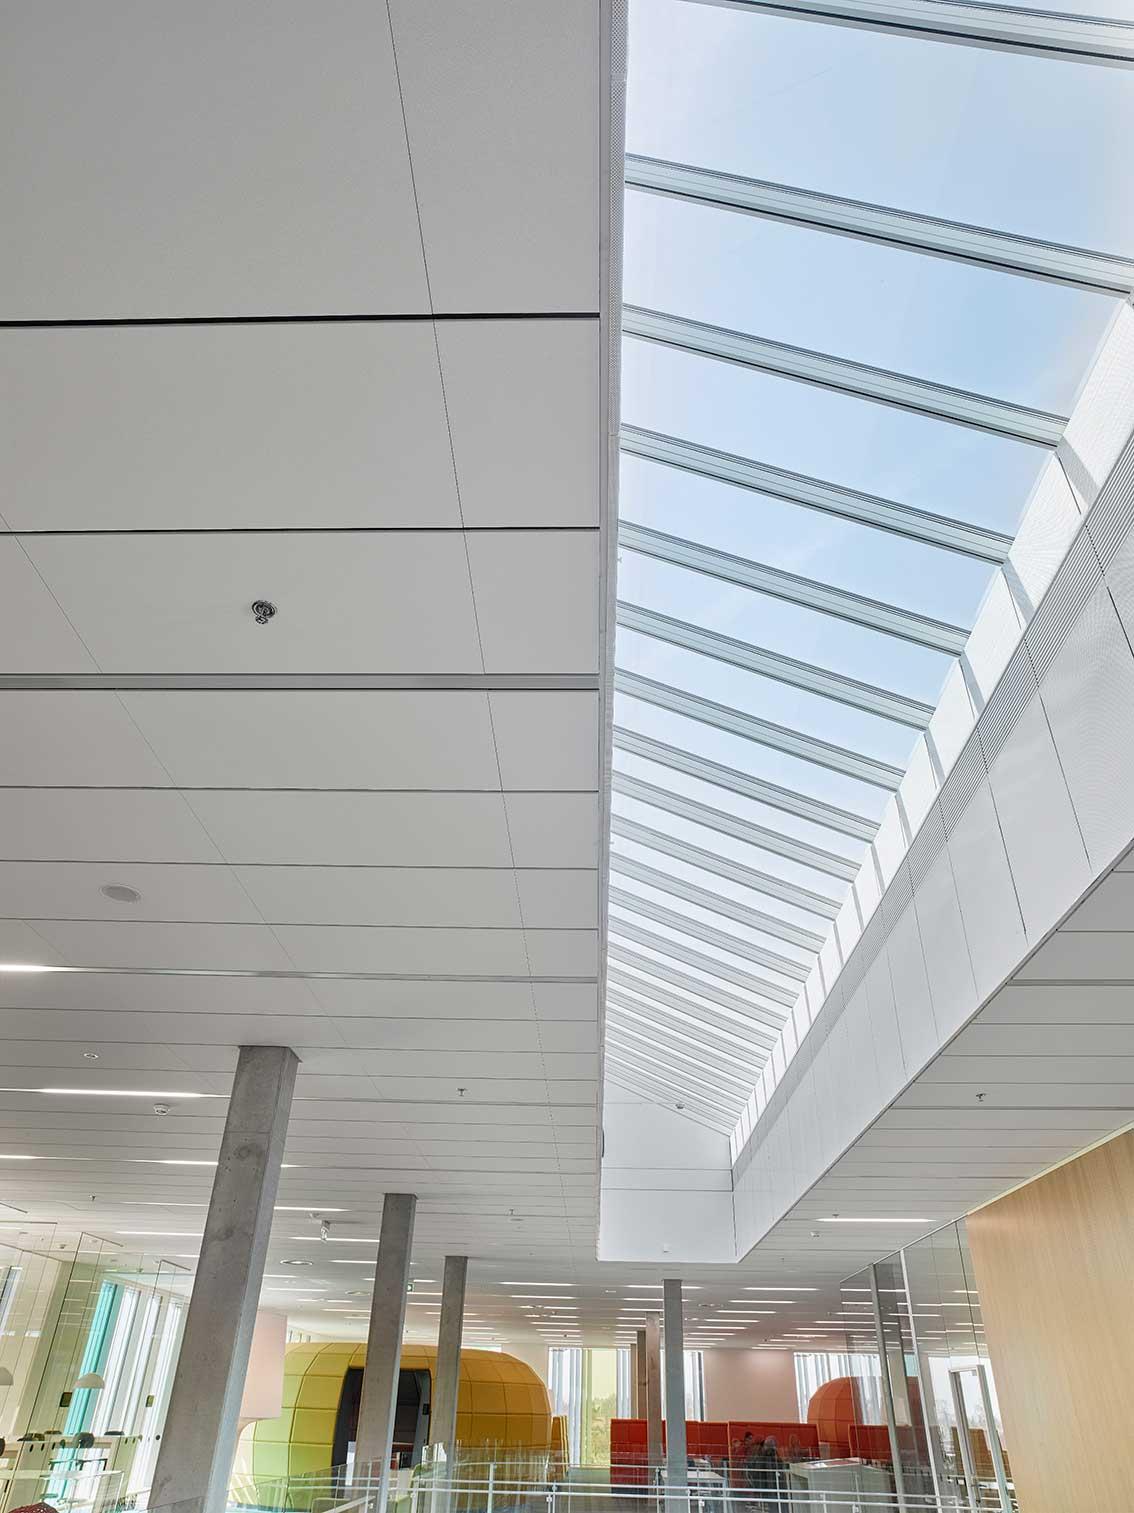 Matric Recessed Frameless F3 indbygget i loftet i det åbne undervisningsmiljø - Luminex